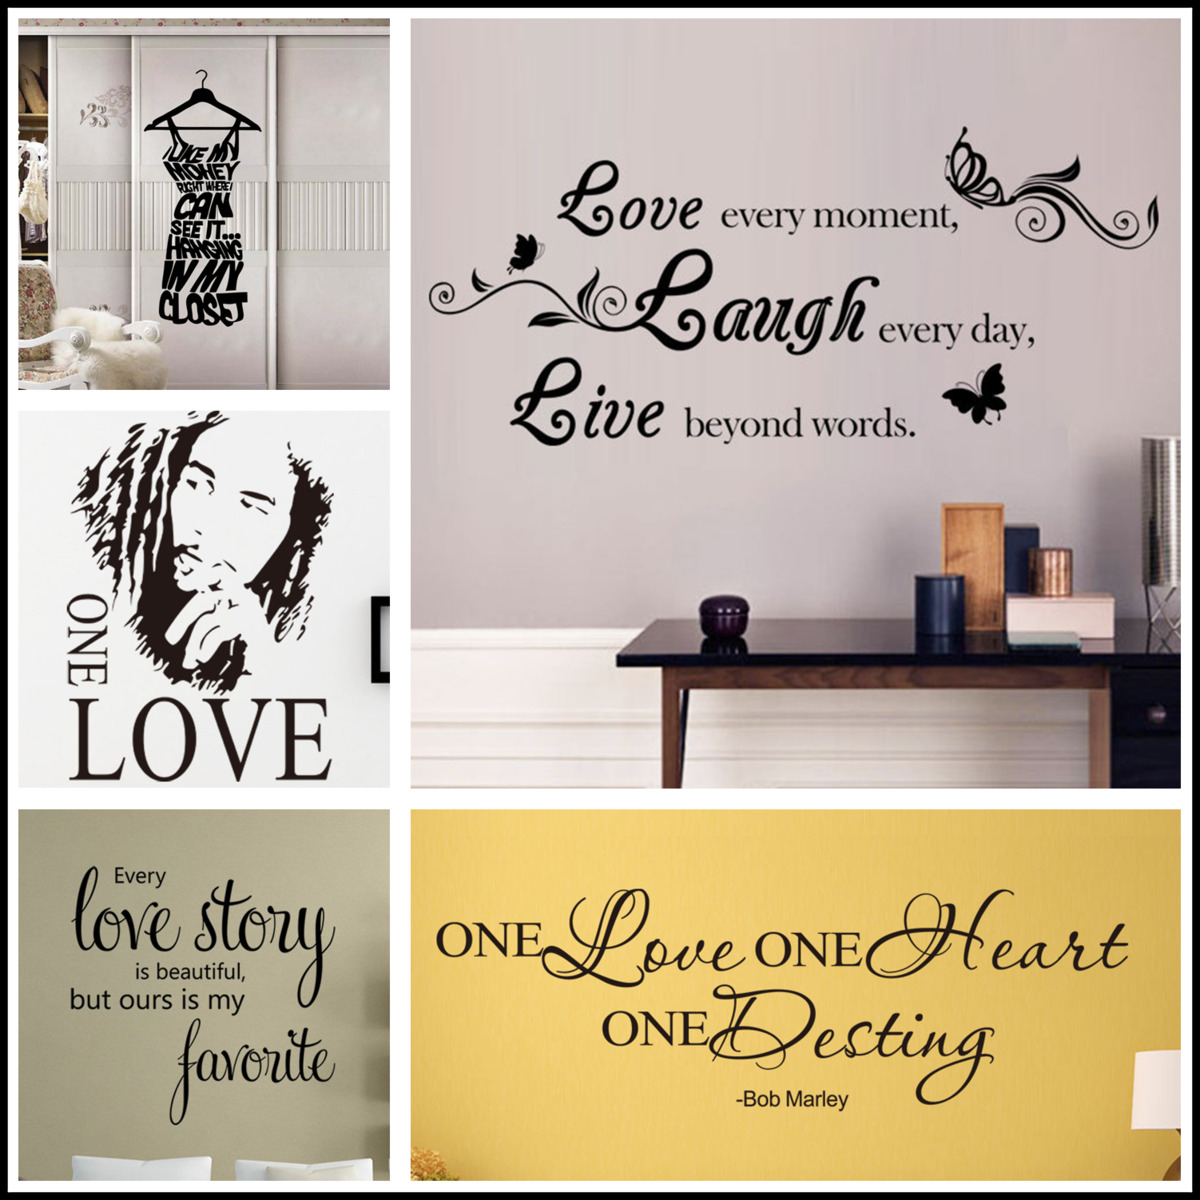 Engels Zin Liefde Lachen Live Sofa Muur Decals Woondecoratie